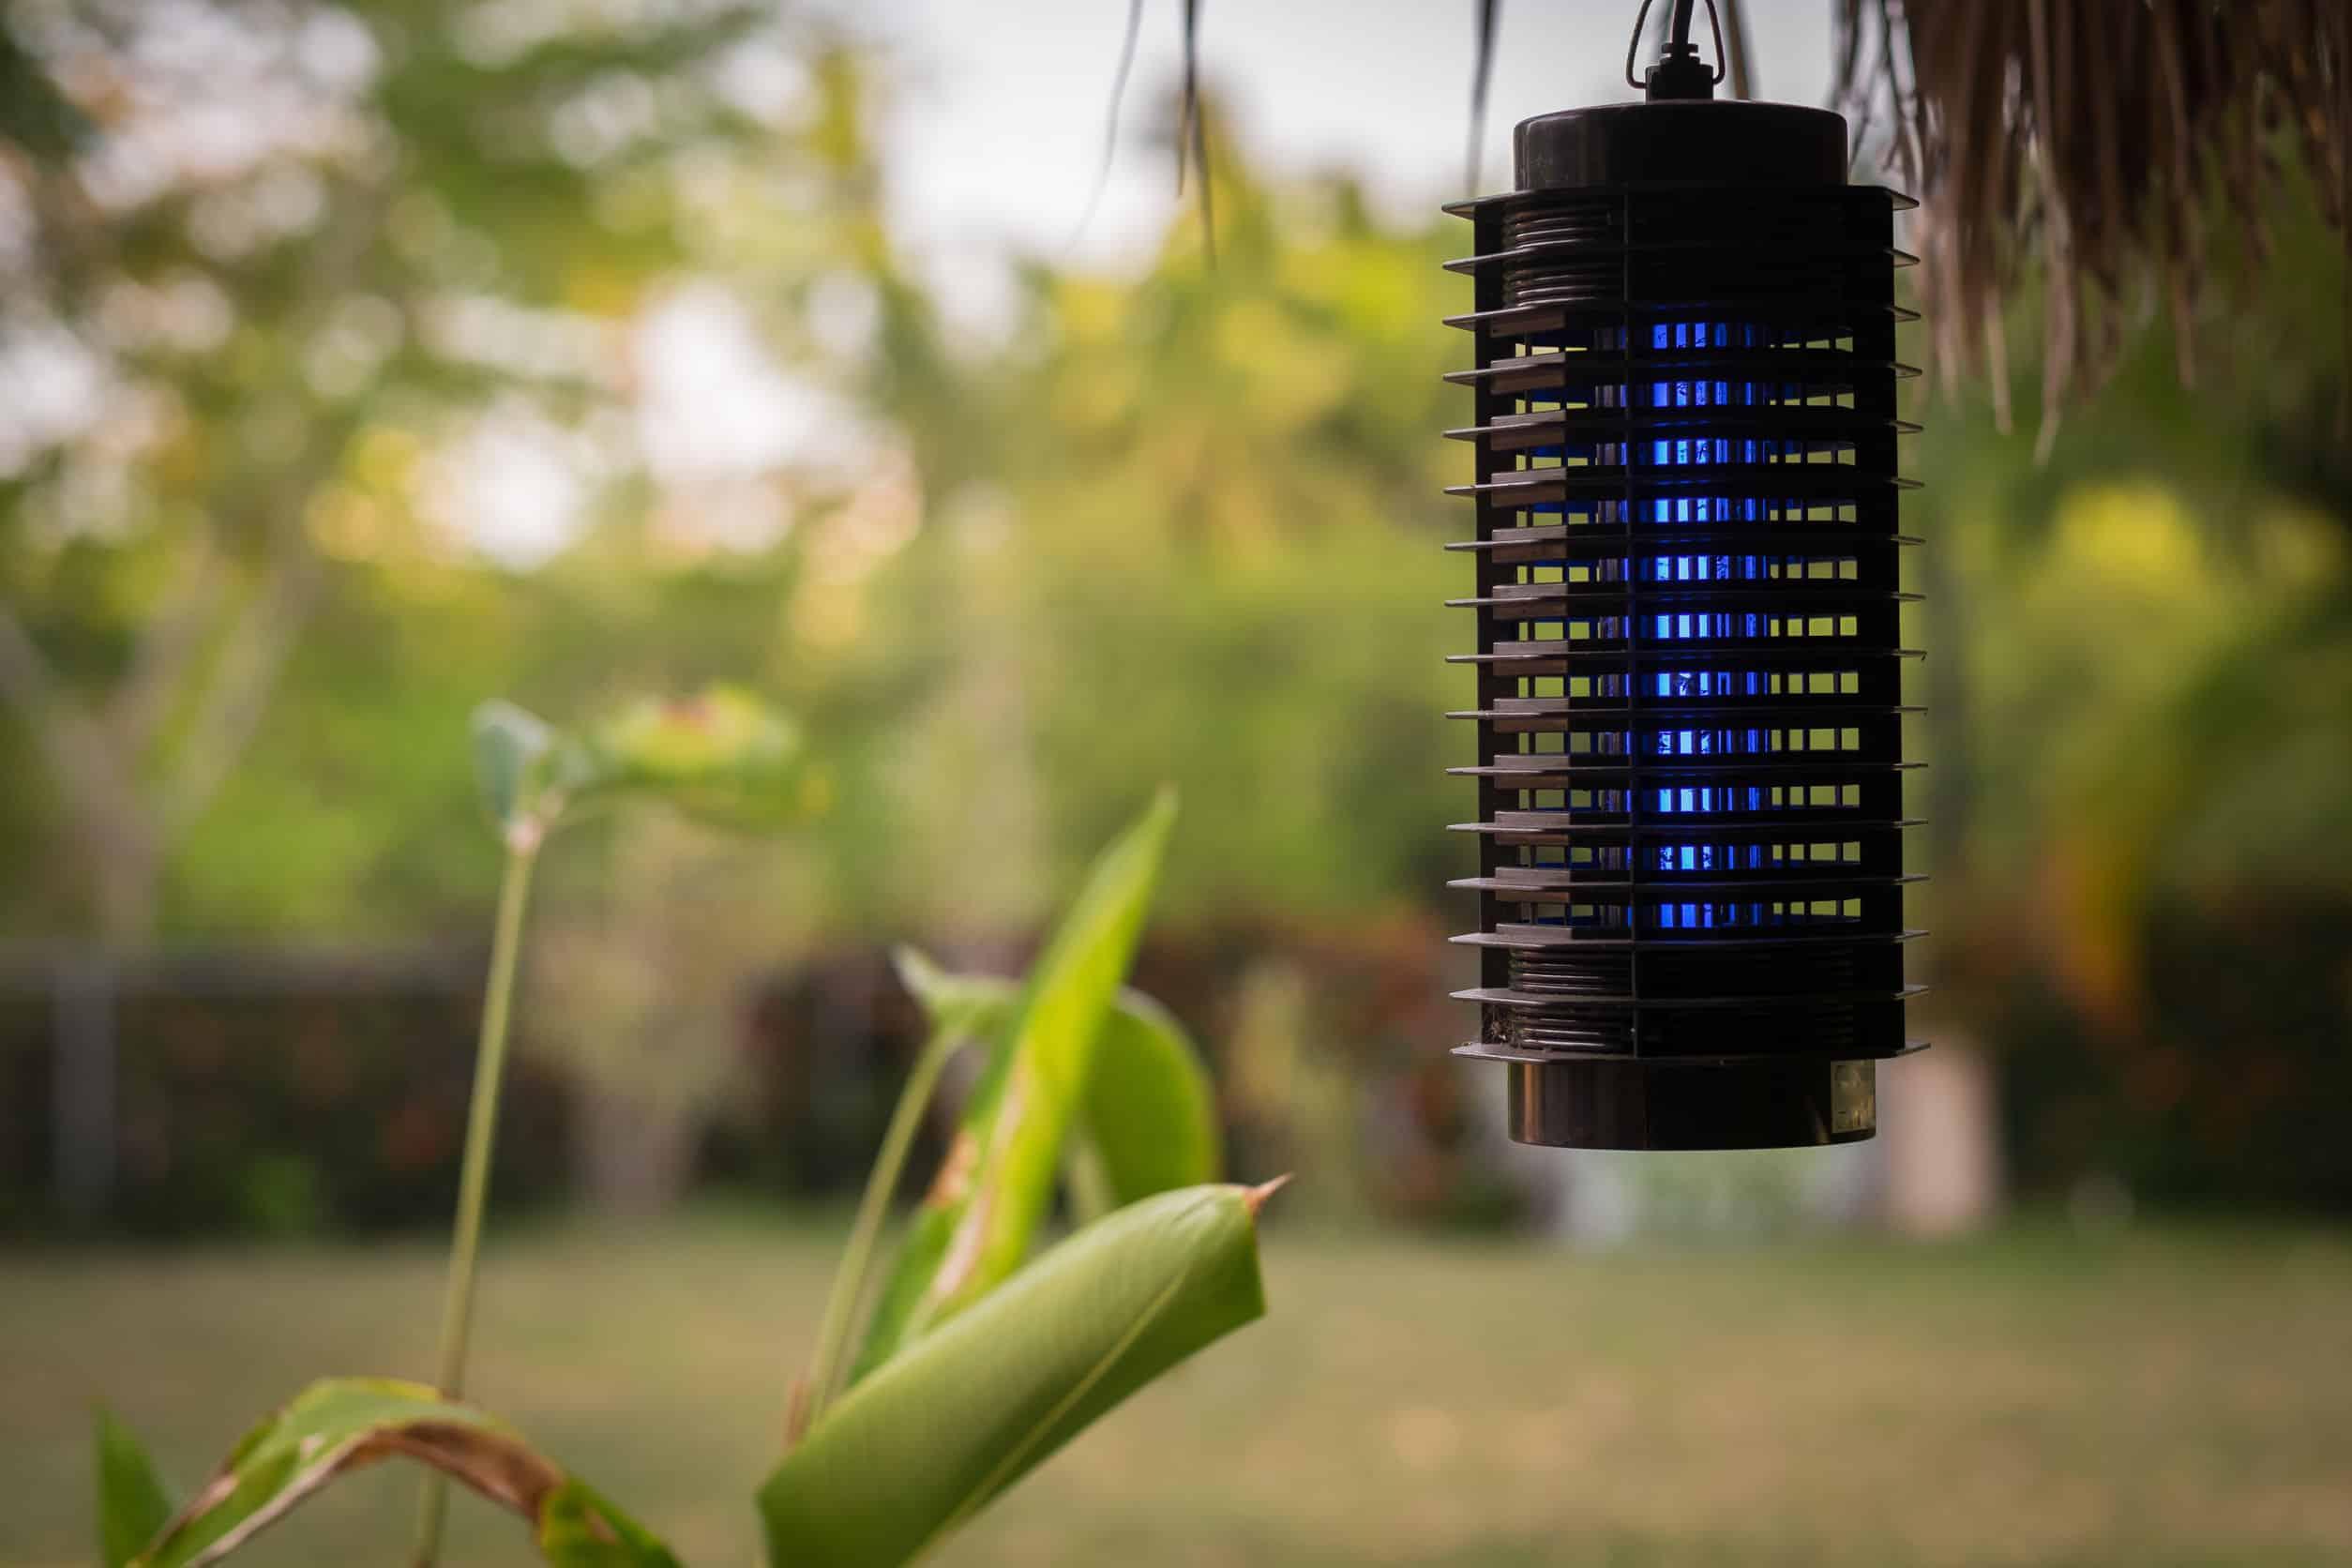 Trampa para mosquitos: ¿Cuál es la mejor del 2020?